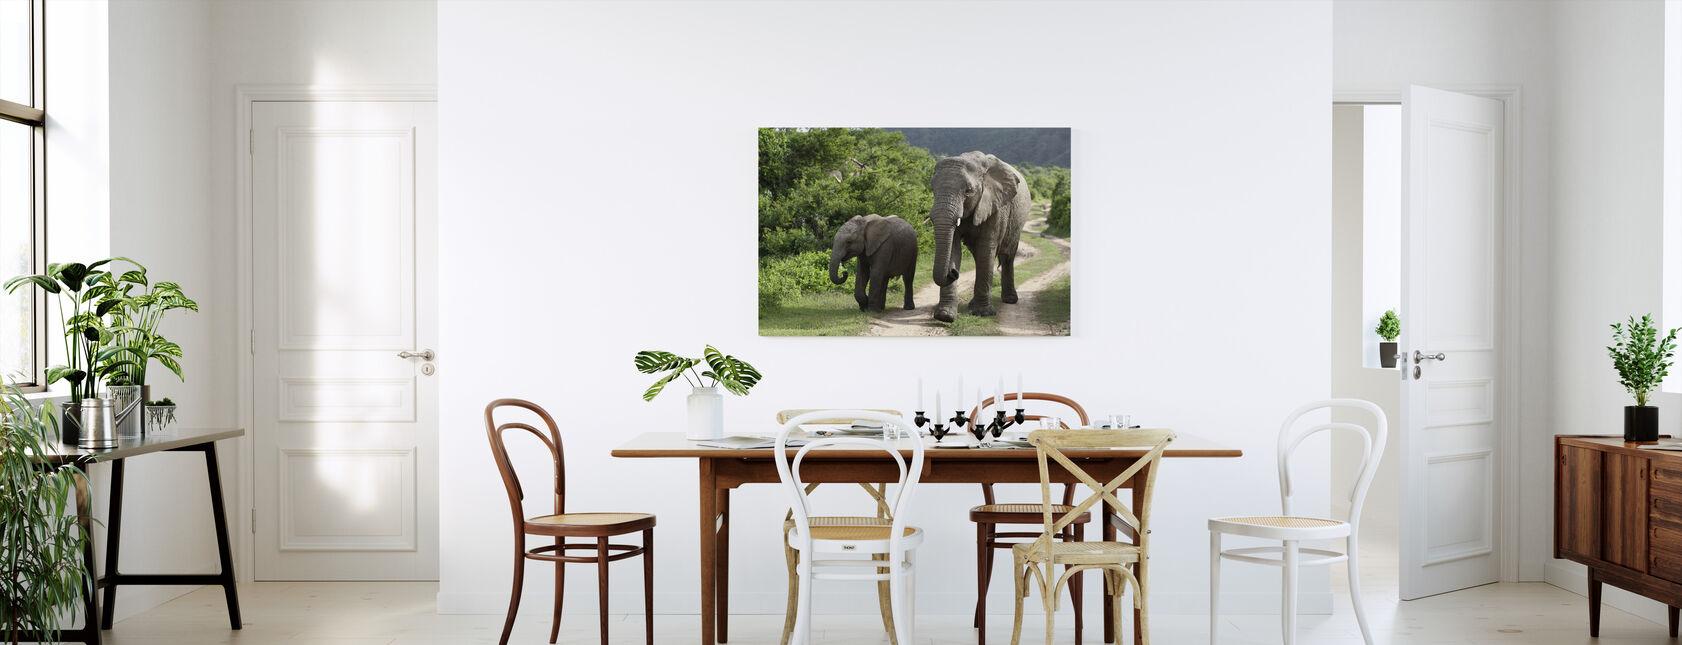 Jonge olifantjes